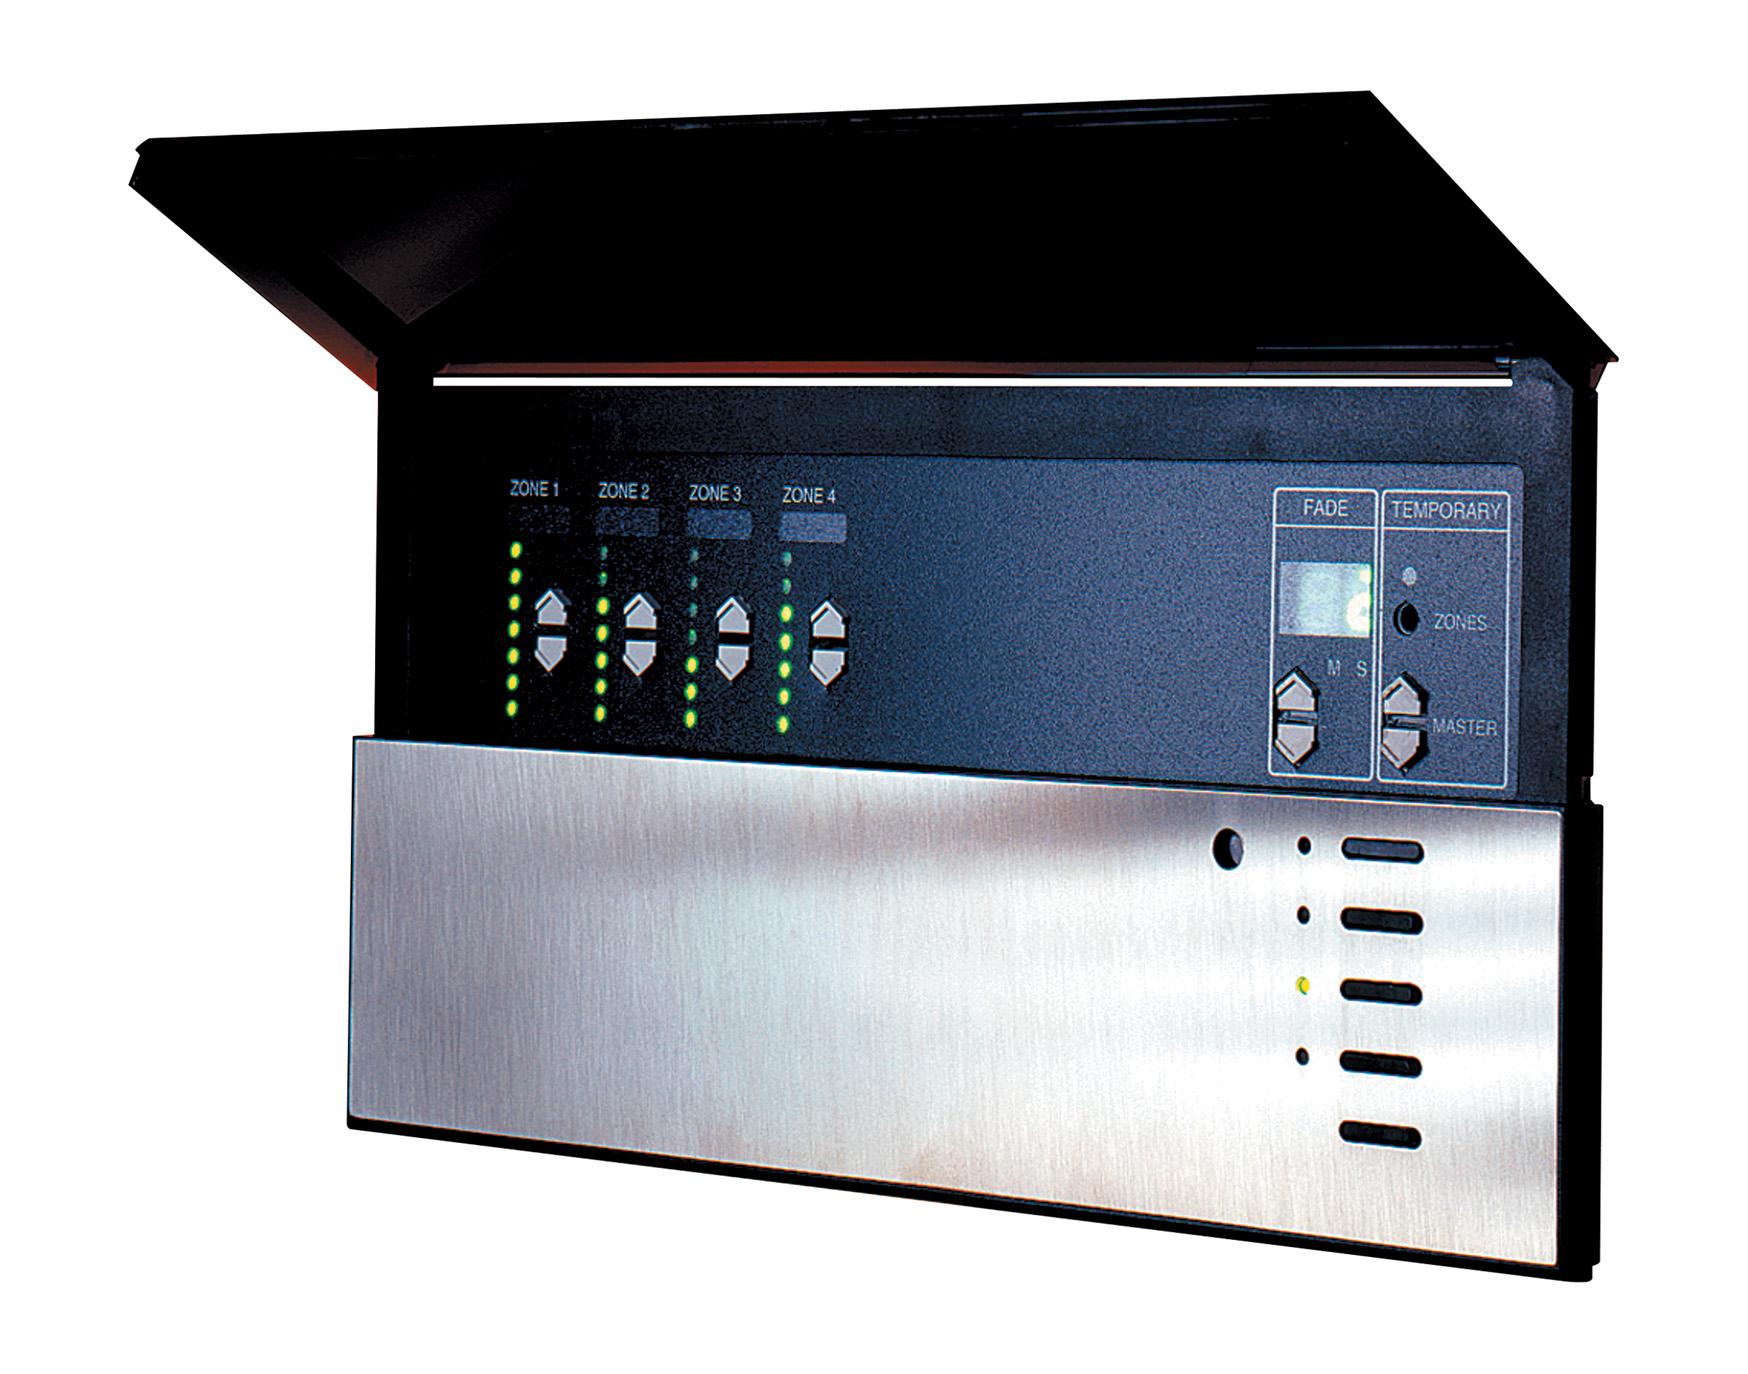 LUTRON, CRESTRON, AMX - Puncte de comanda (Keypad-uri) cu intrerupator ON/ OFF sau ecran LCD CRESTRON - Poza 2